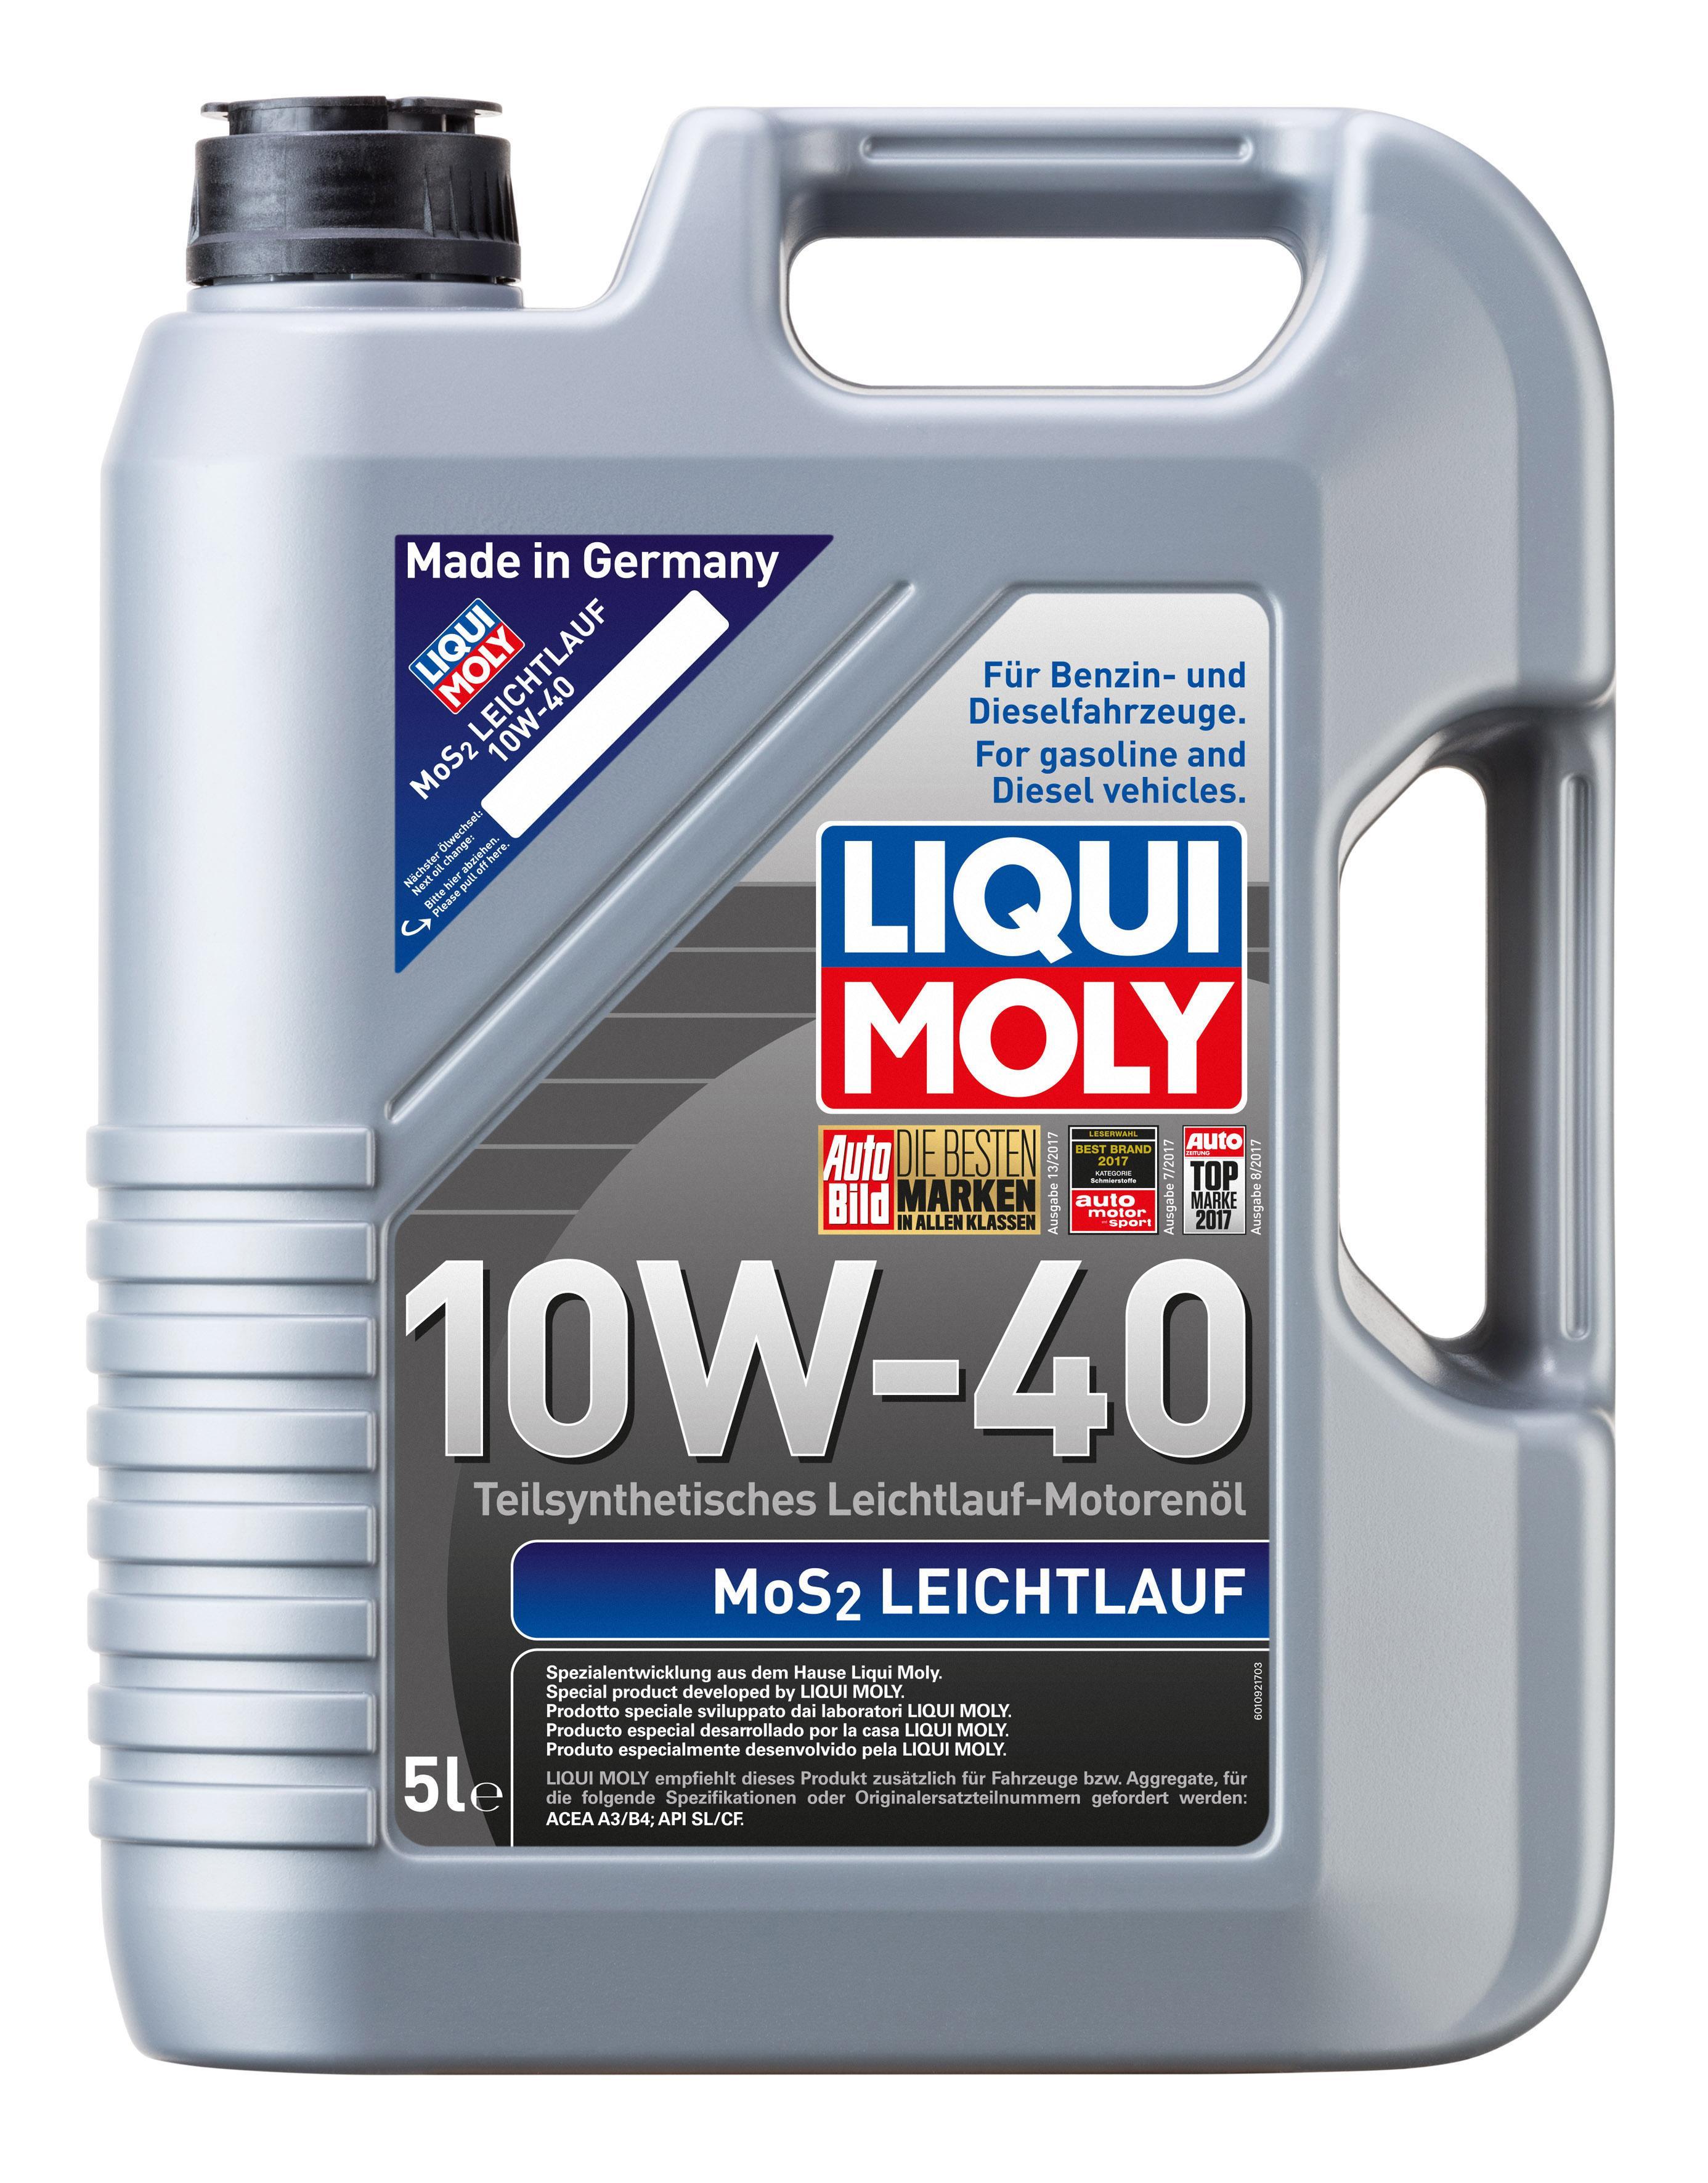 Accesorios y recambios CITROËN DYANE 1976: Aceite de motor LIQUI MOLY 1092 a un precio bajo, ¡comprar ahora!